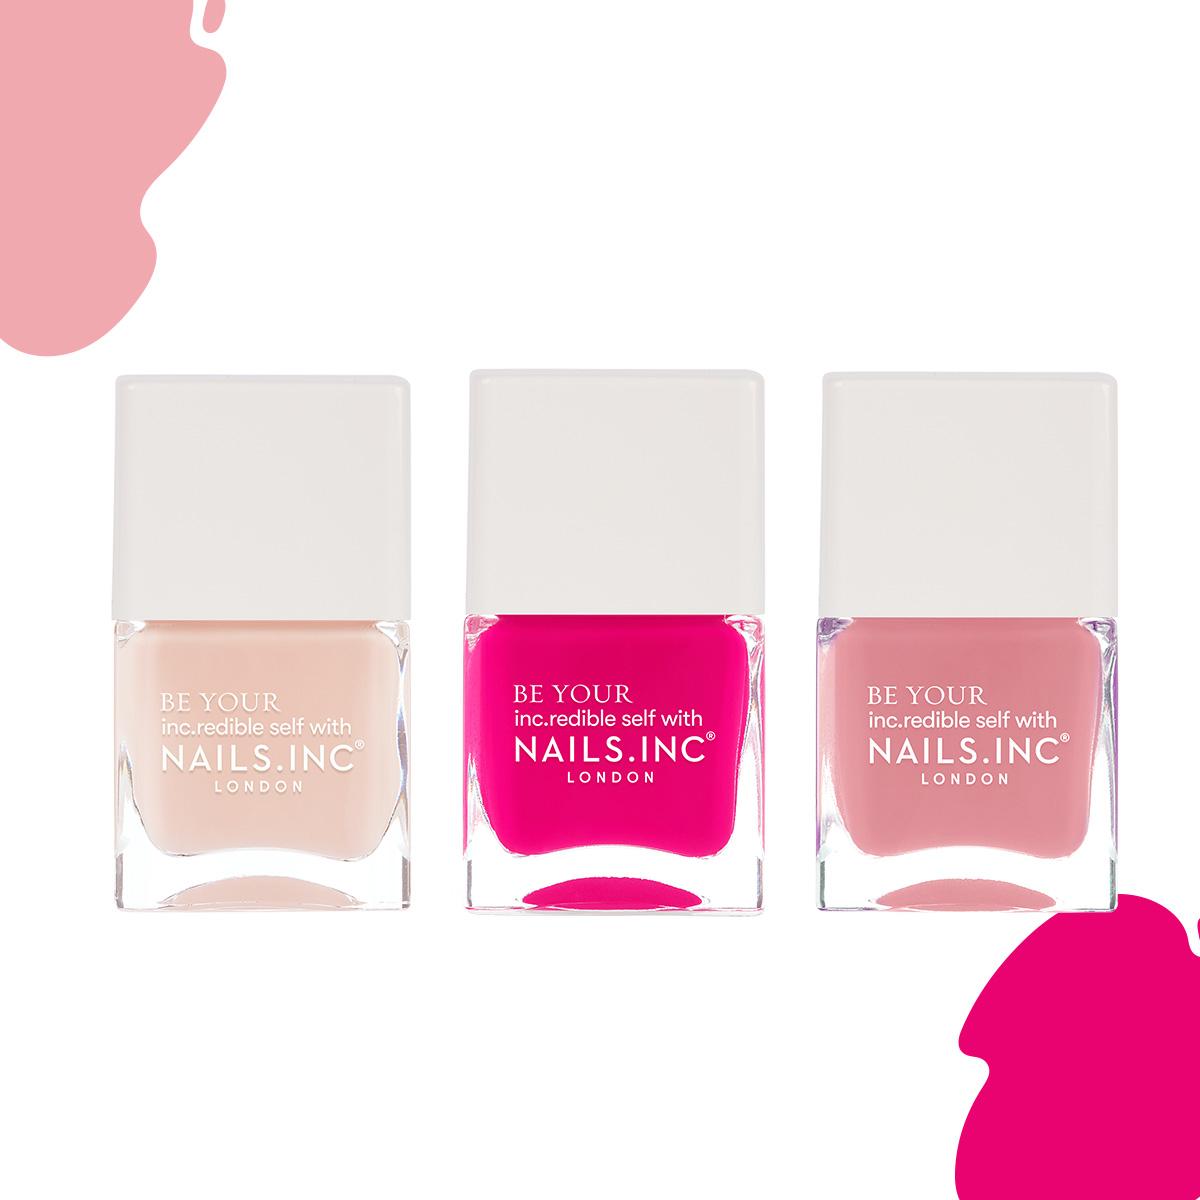 儚げ、しなやか、エネルギッシュと、多彩なピンク